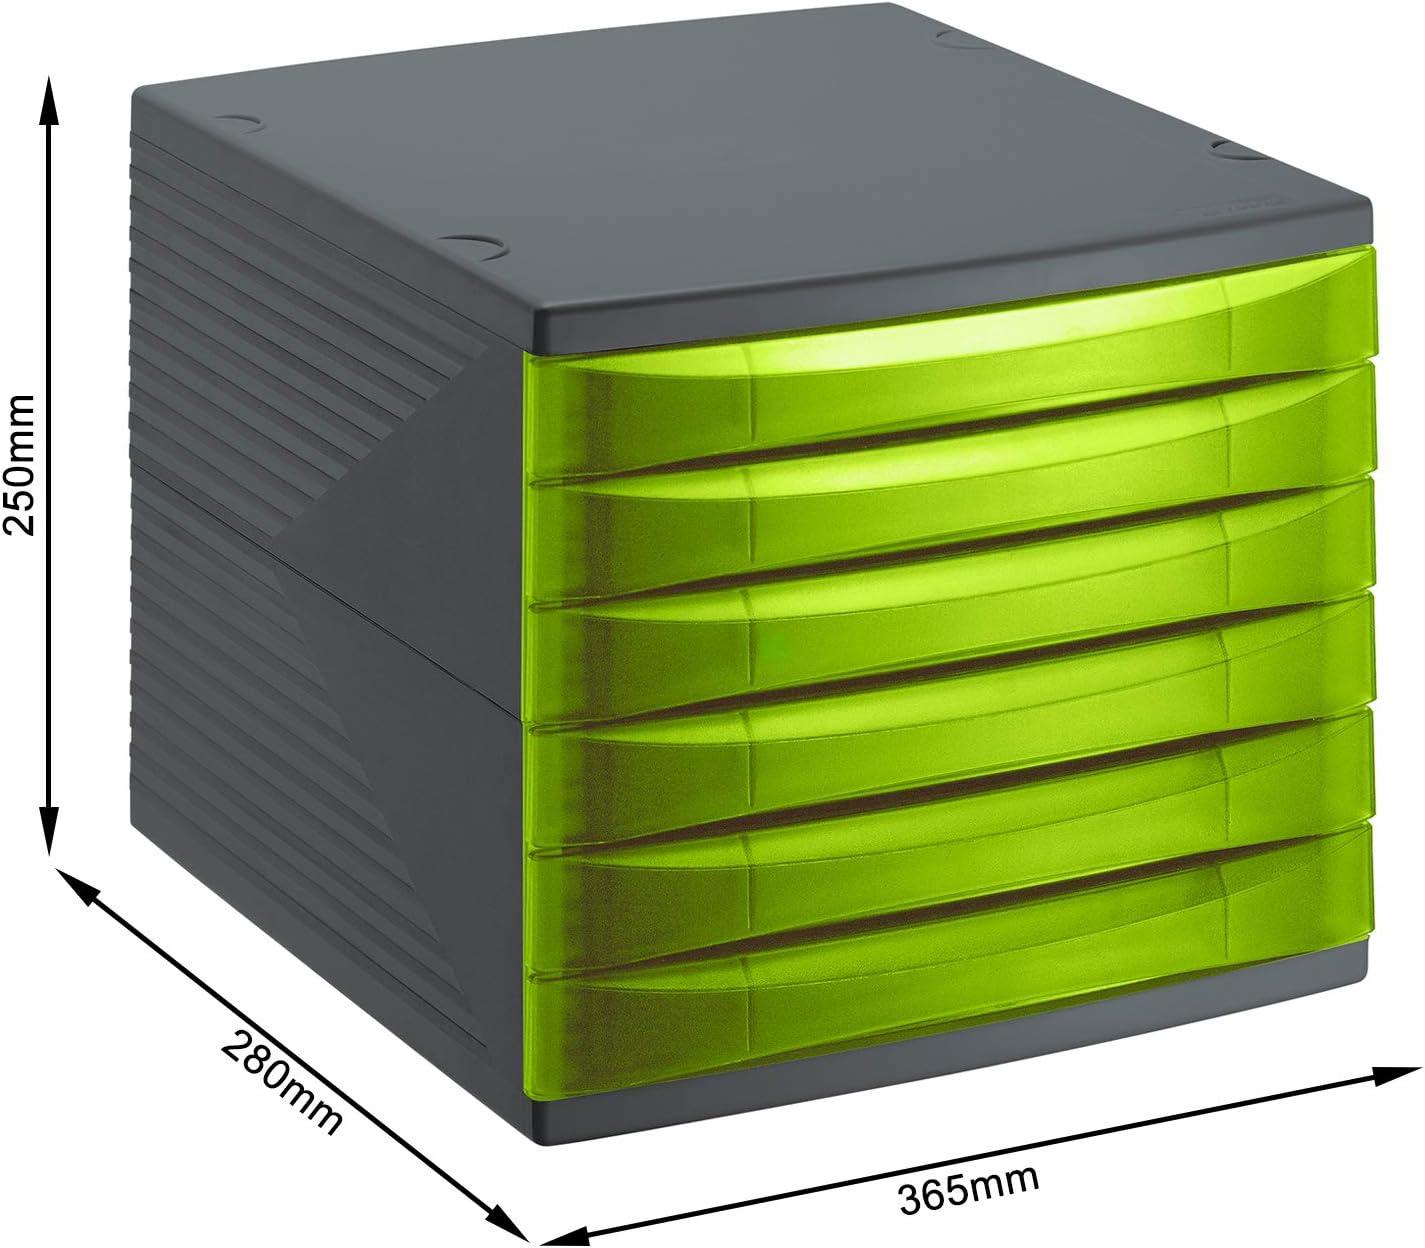 Rotho Quadra, Cajón, caja de oficina con 6 cajones, Plástico PP sin BPA, verde, antracita, 36.5 x 28.0 x 25.0 cm: Amazon.es: Hogar